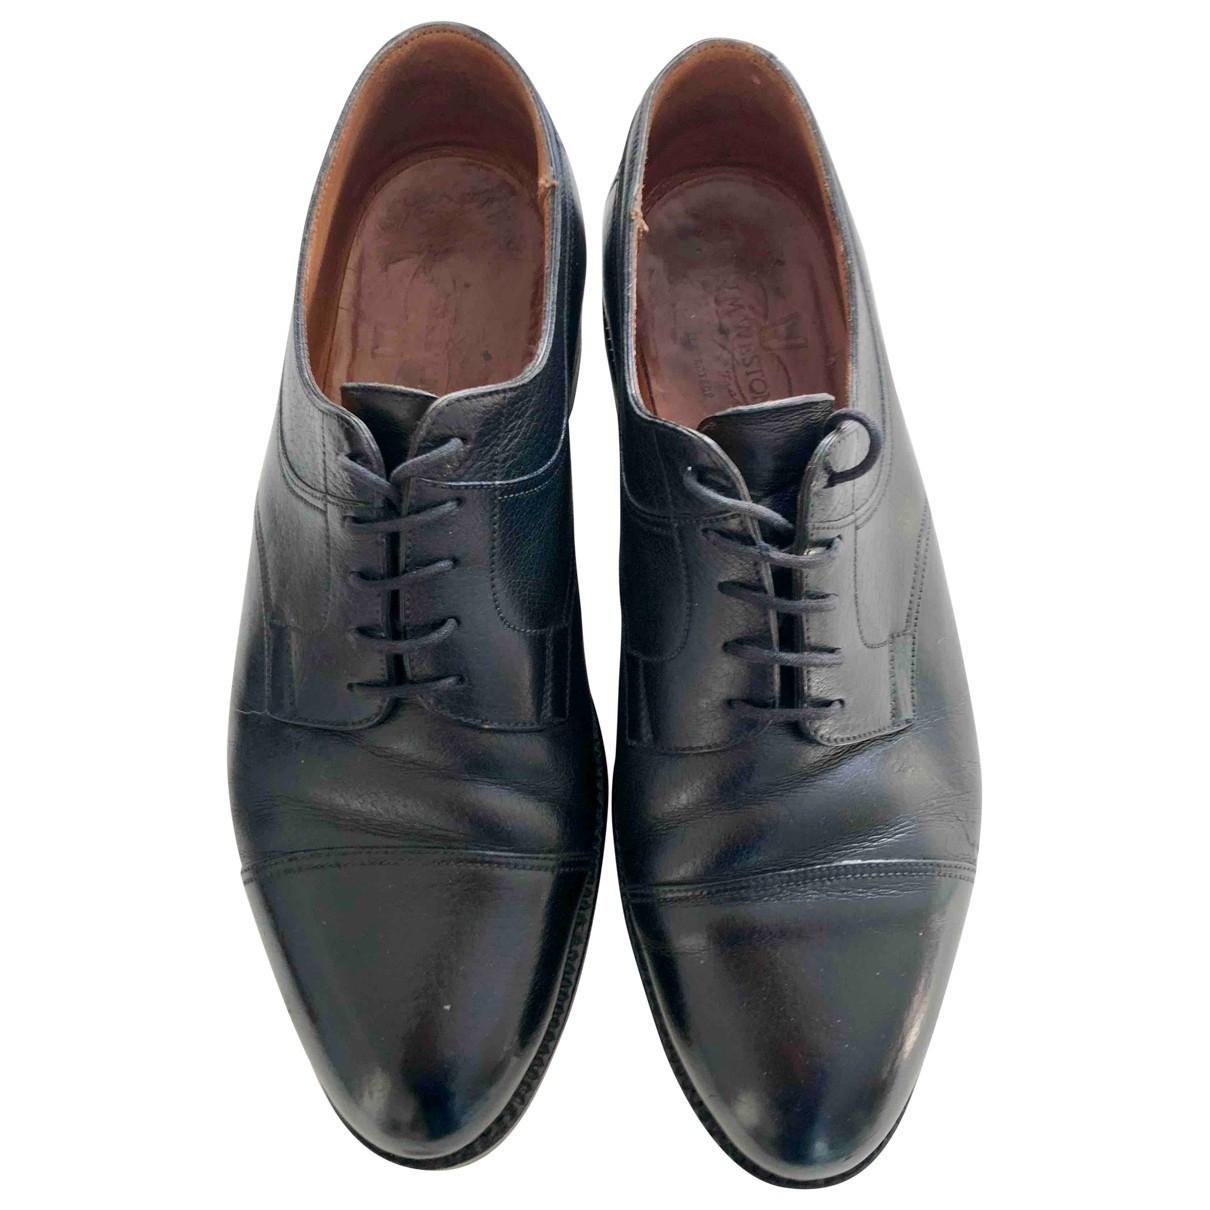 Jm Weston \N Black Leather Lace ups for Men 8.5 UK